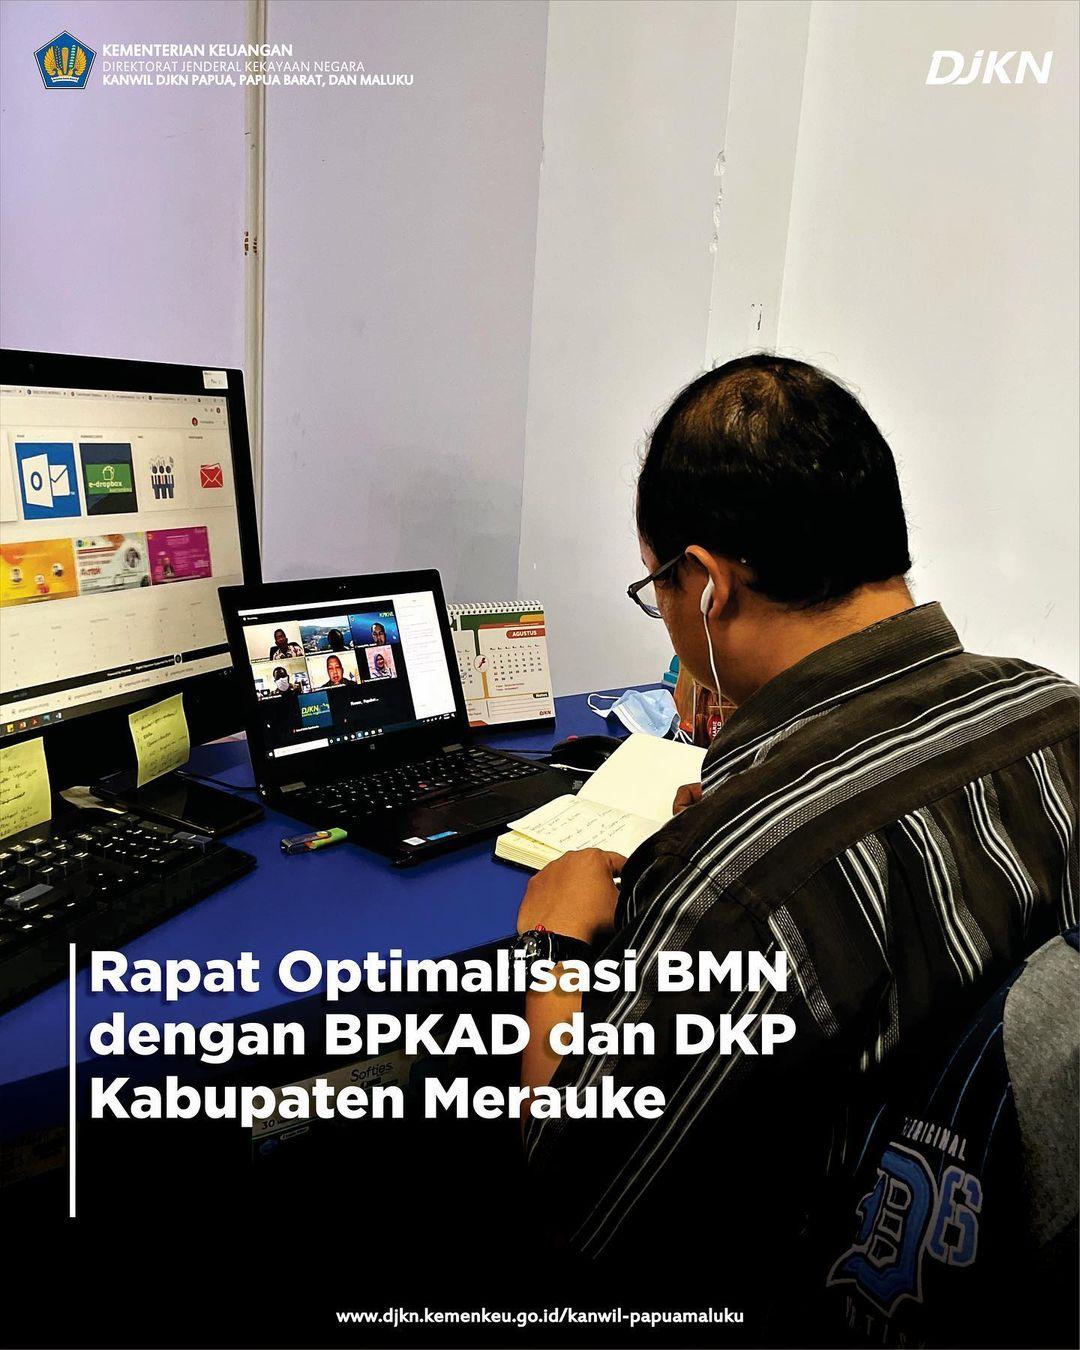 Rapat Optimalisasi BMN bersama BPKAD dan DKP Kabupaten Merauke